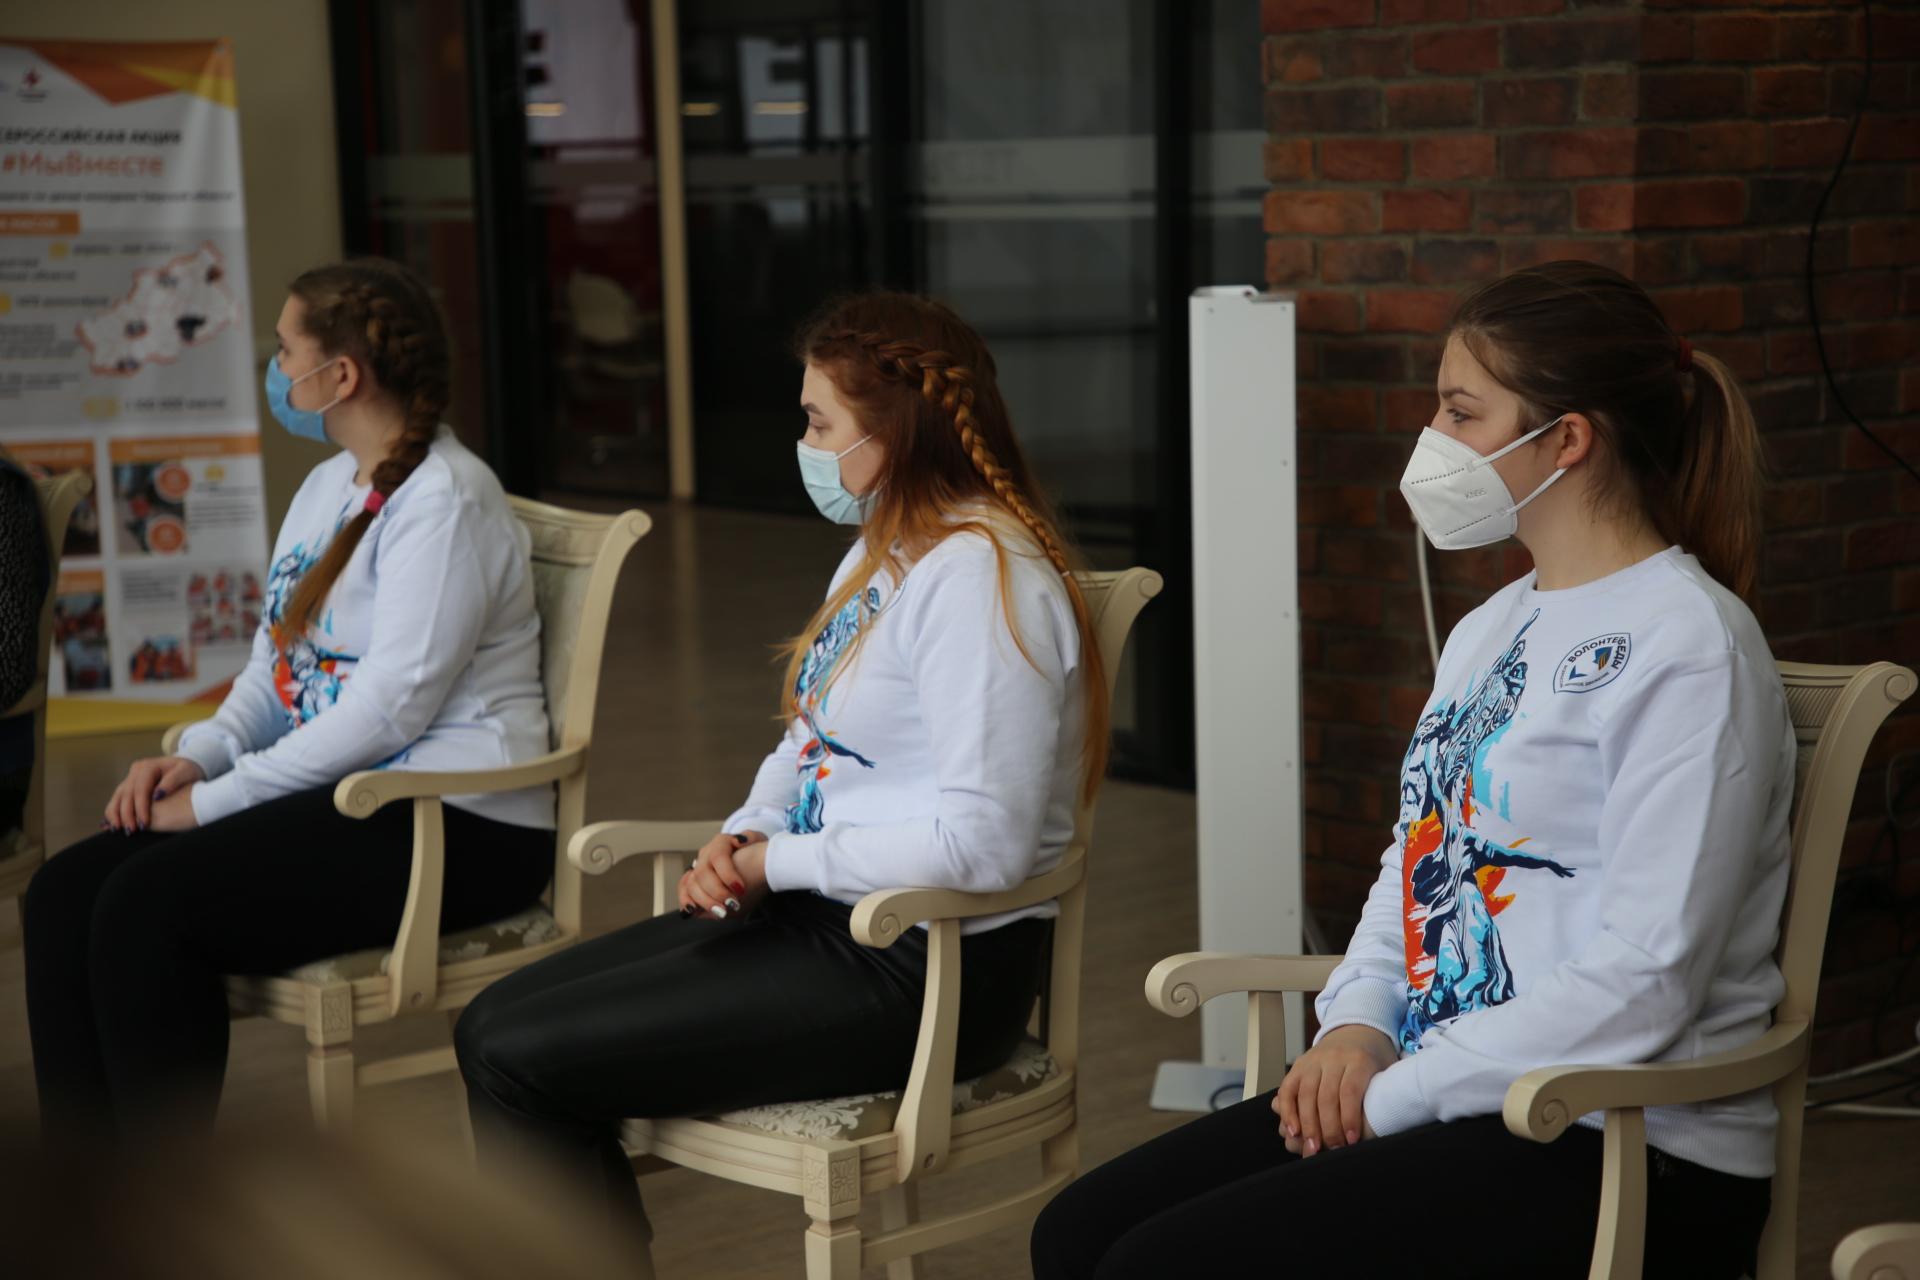 Губернатор Игорь Руденя поздравил участниц волонтёрского движения с приближающимся Международным женским днём